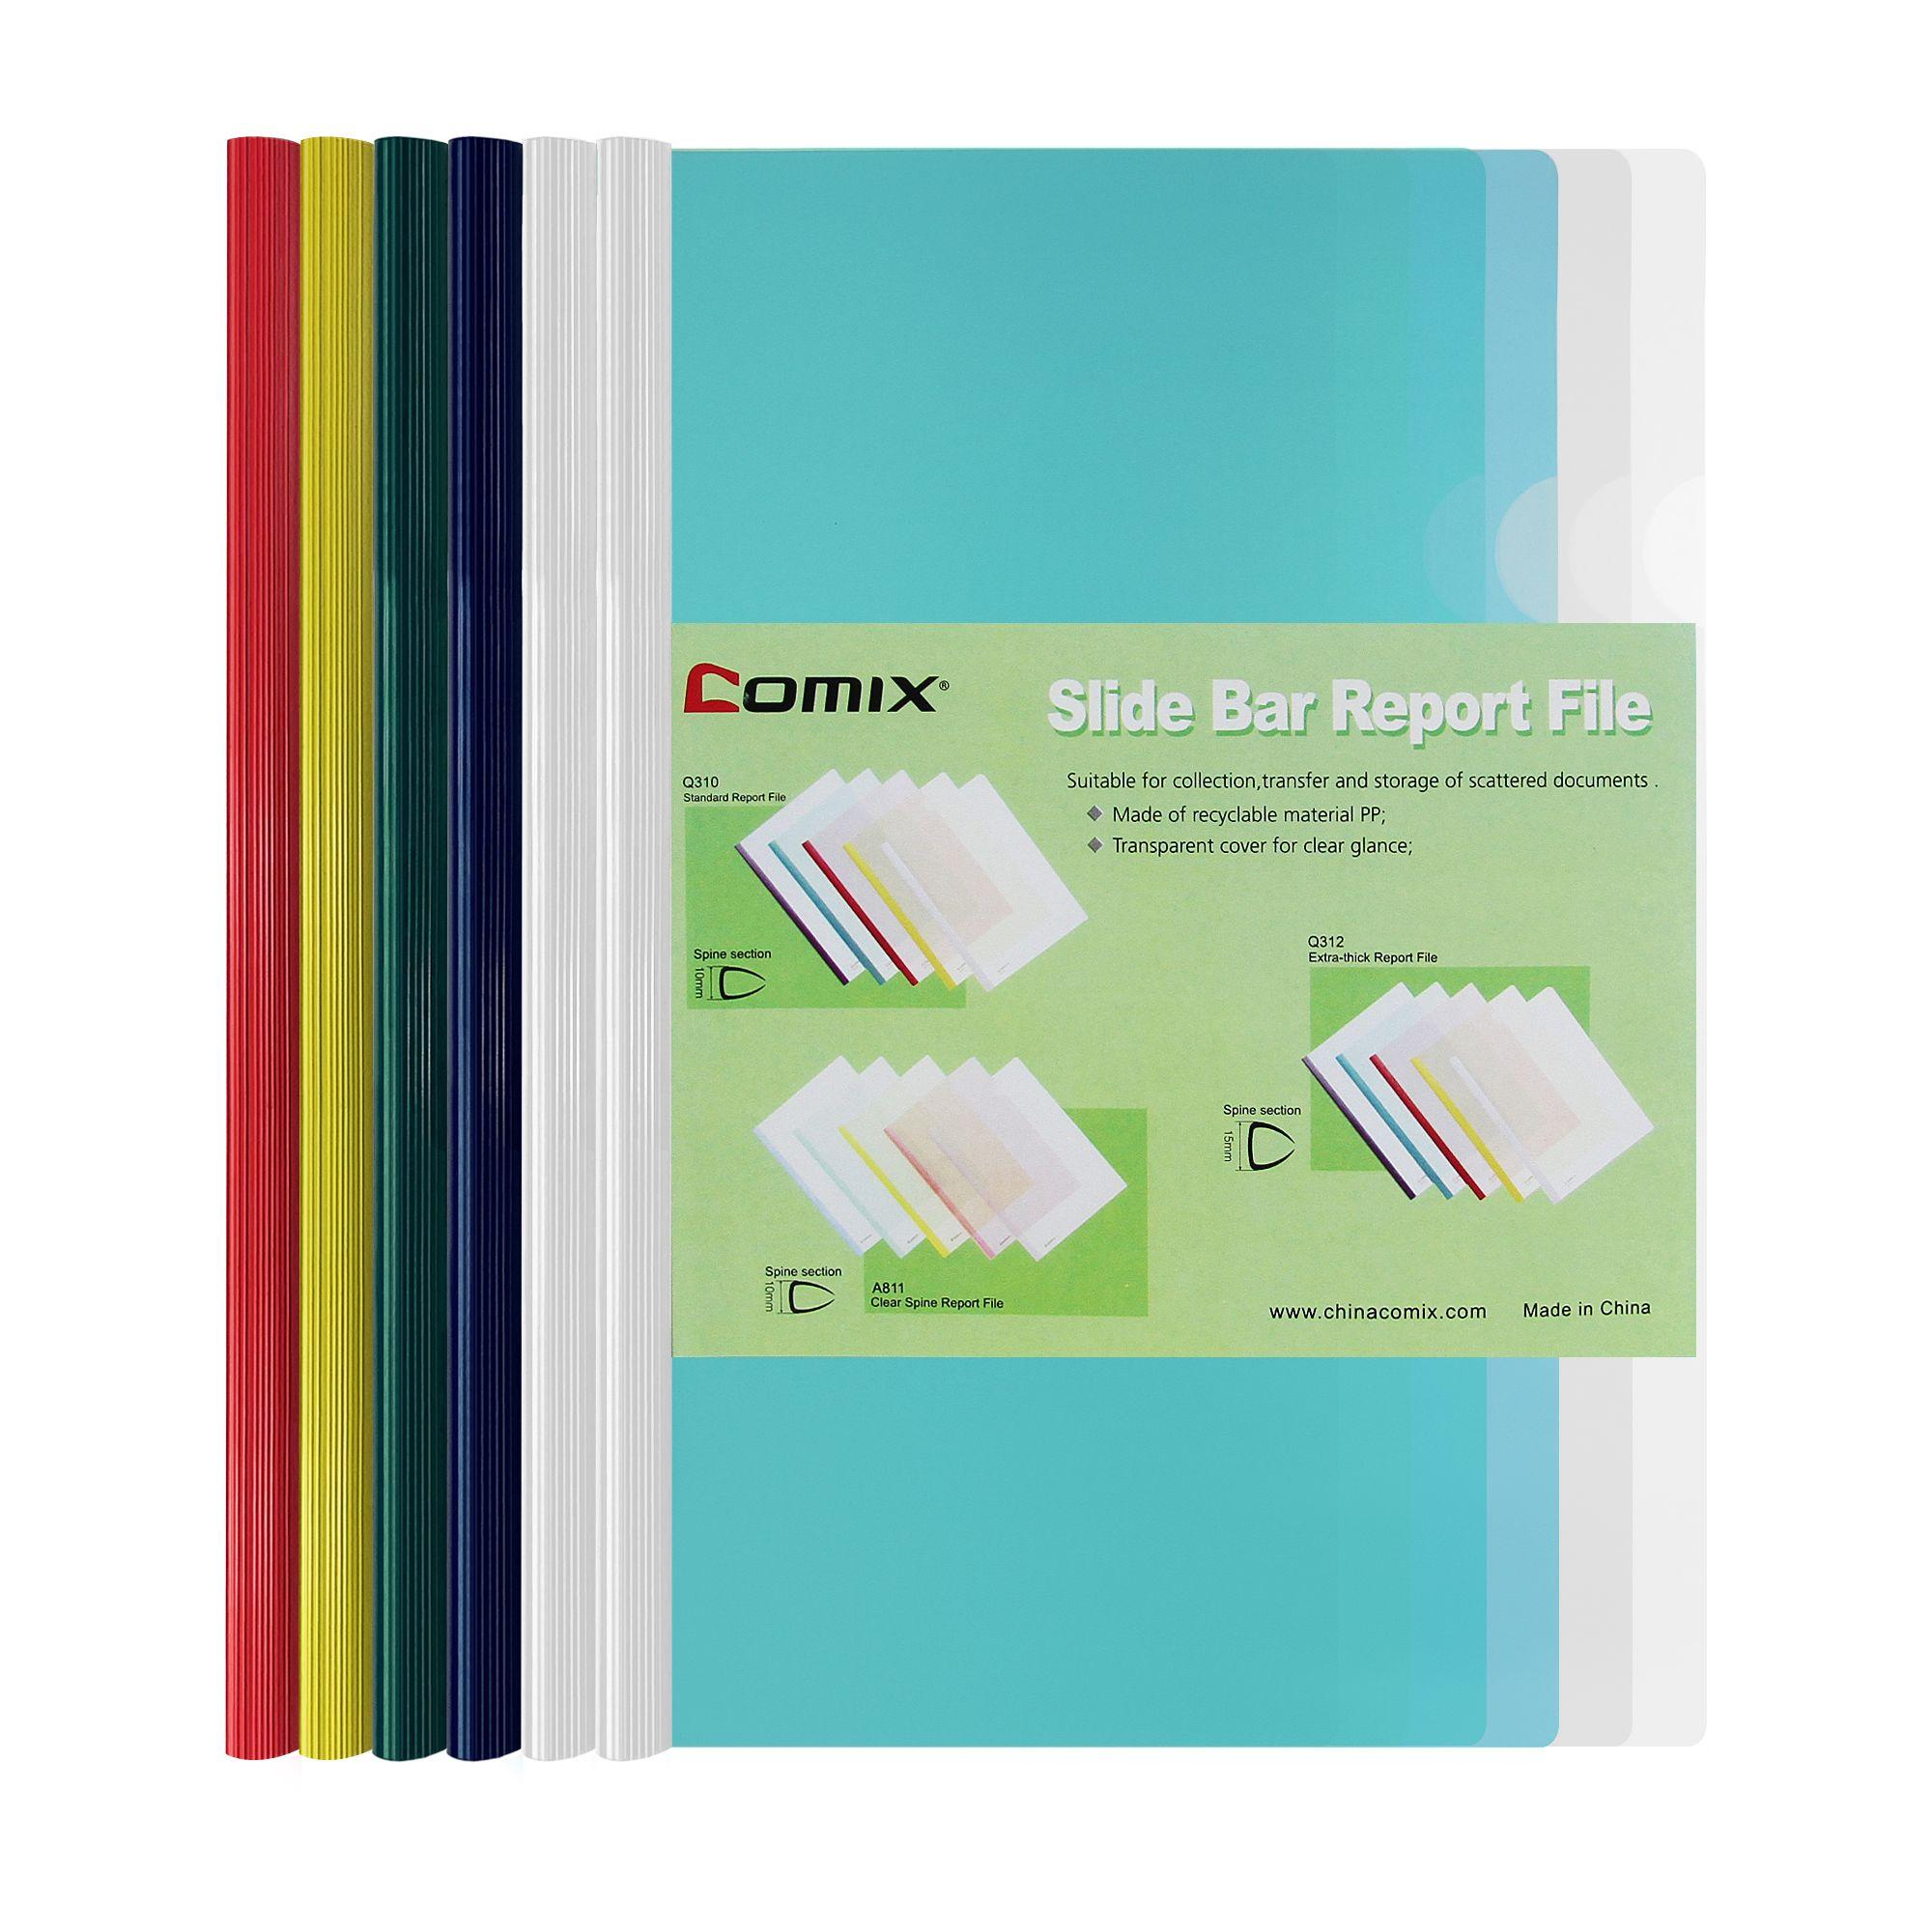 แฟ้มสันรูด COMIX  รุ่น Q310 คละสี(1x6)